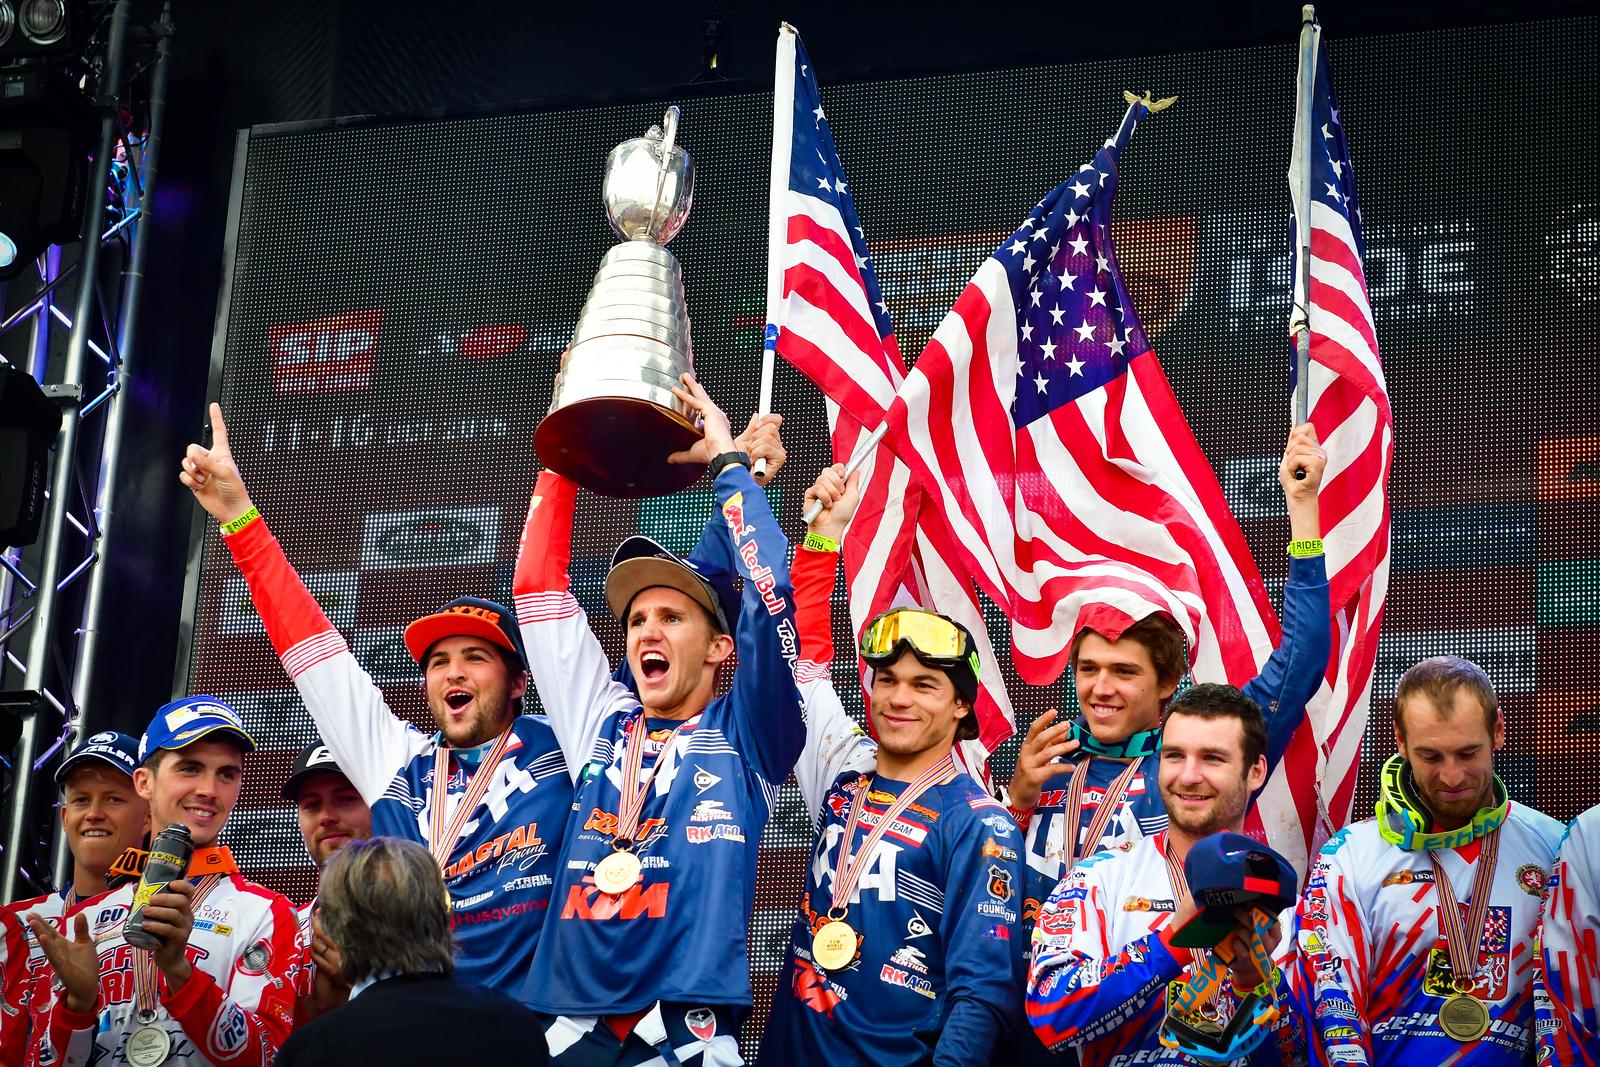 2017 ISDE U.S. World Trophy Team